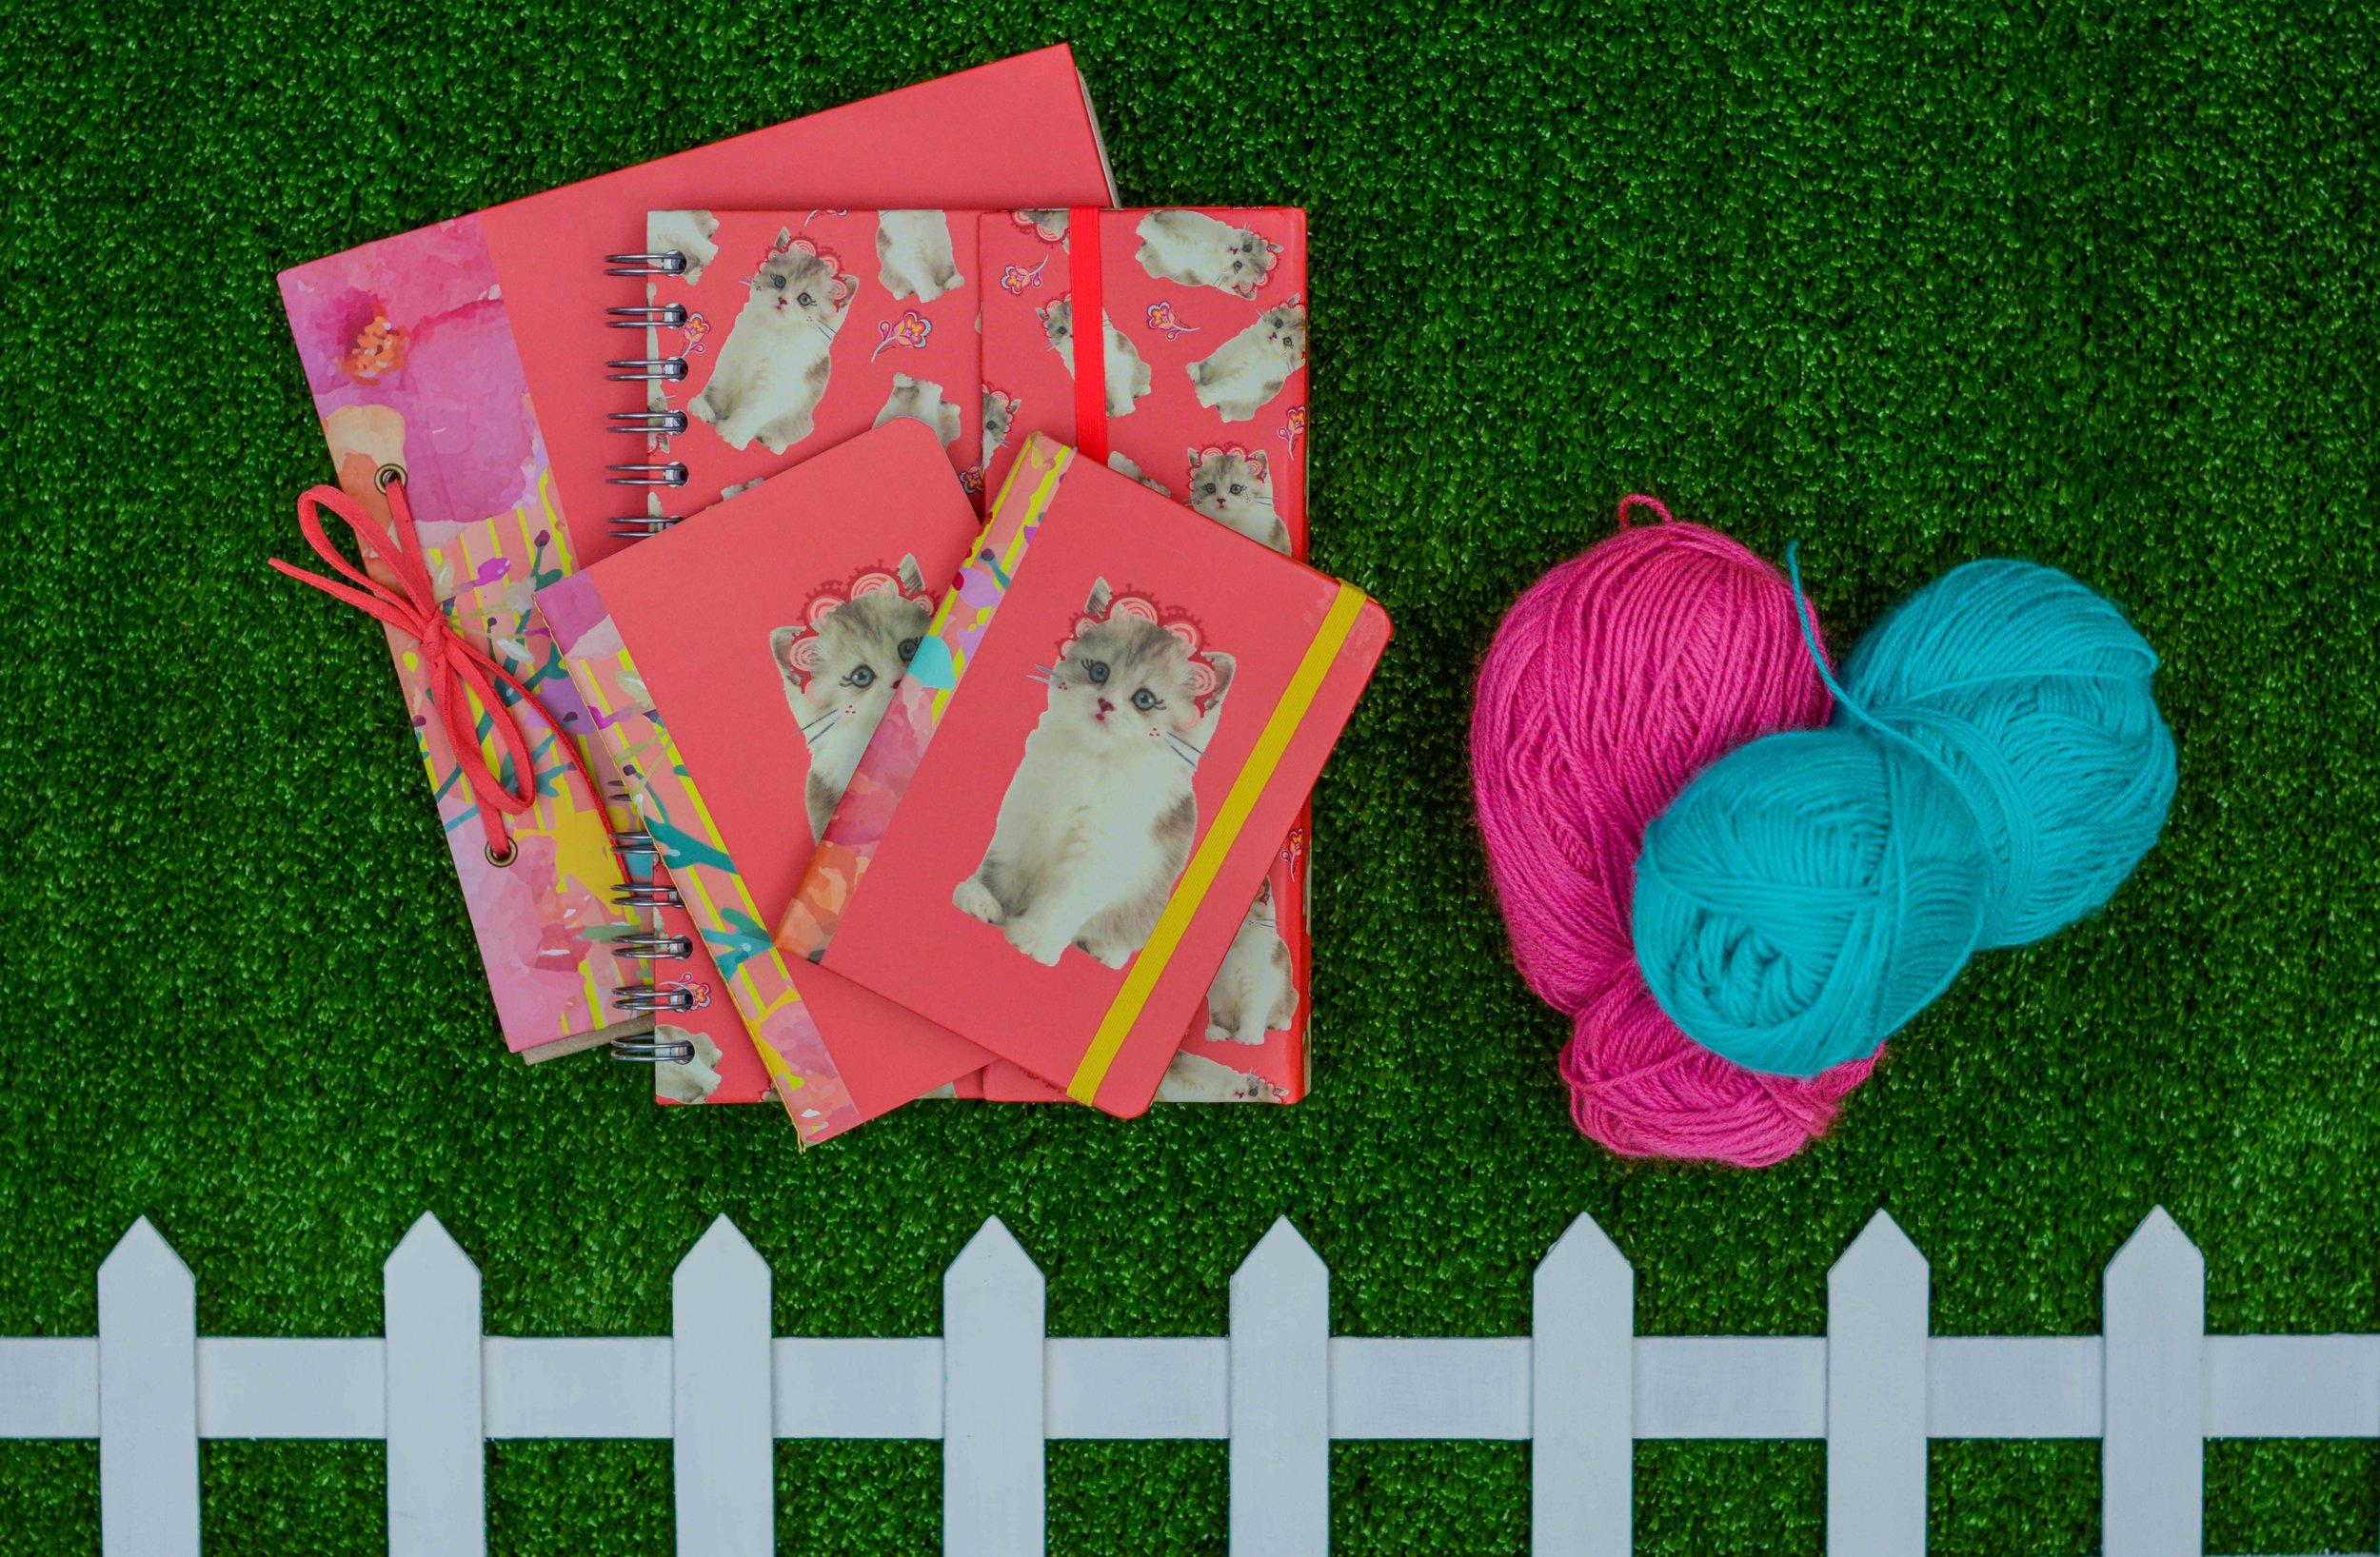 Papel Craft • Estampas - Estampas desenvolvidas com exclusividade para papeis de presente e produtos diversos das coleções lançadas pela Papel Craft